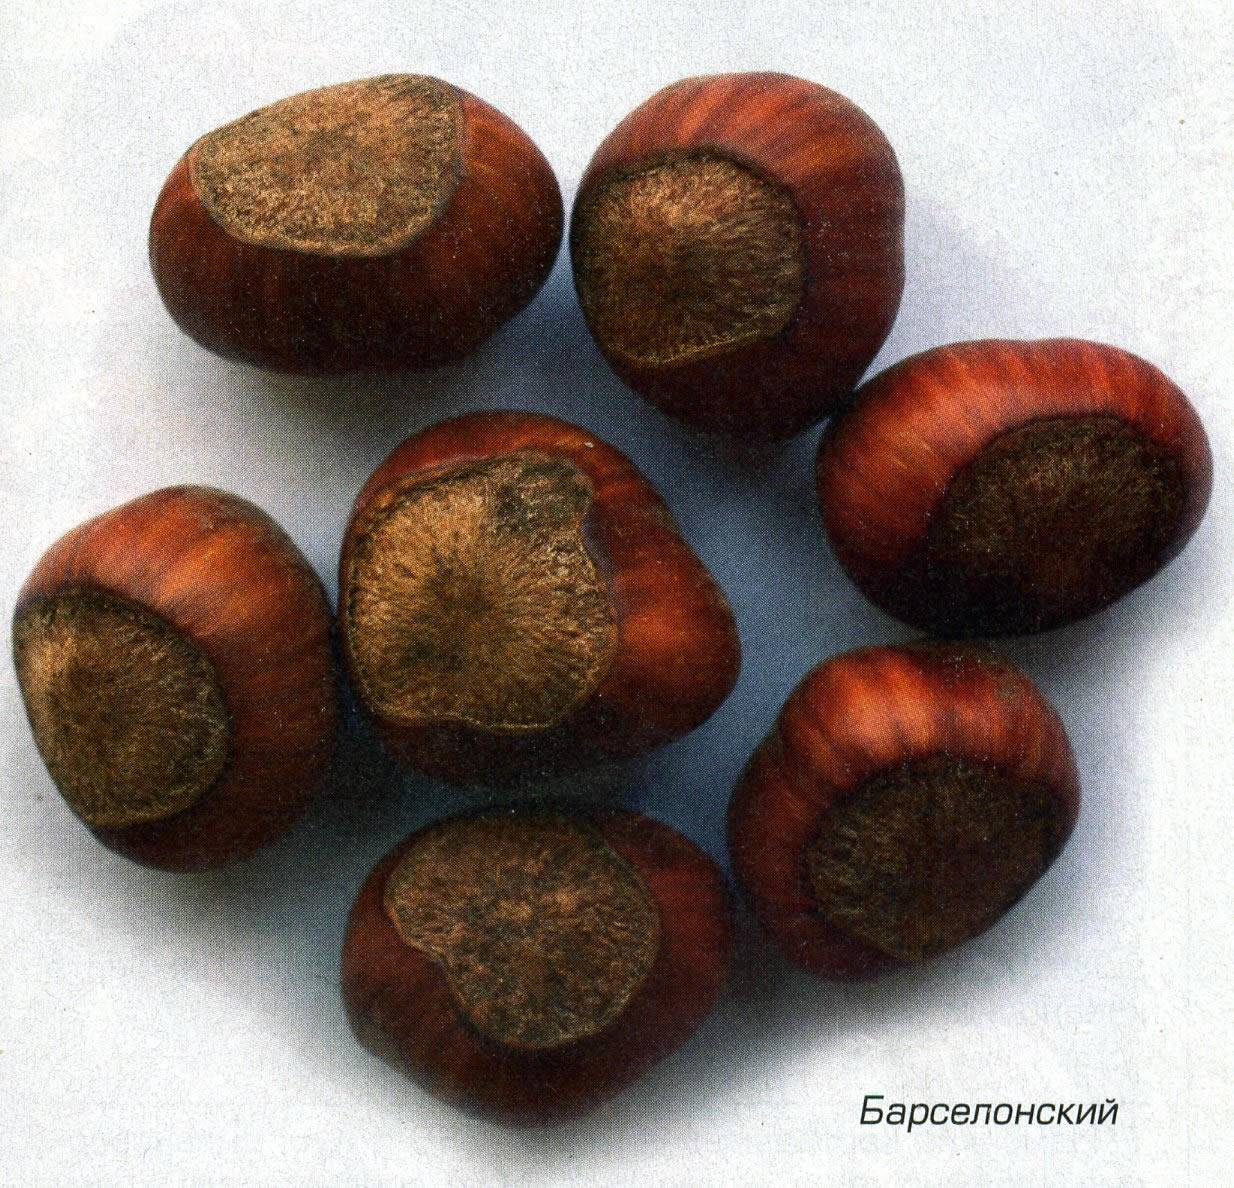 Популярные сорта лещины (фундук, орешник). описание сортов лещины, их недостатки и преимущества